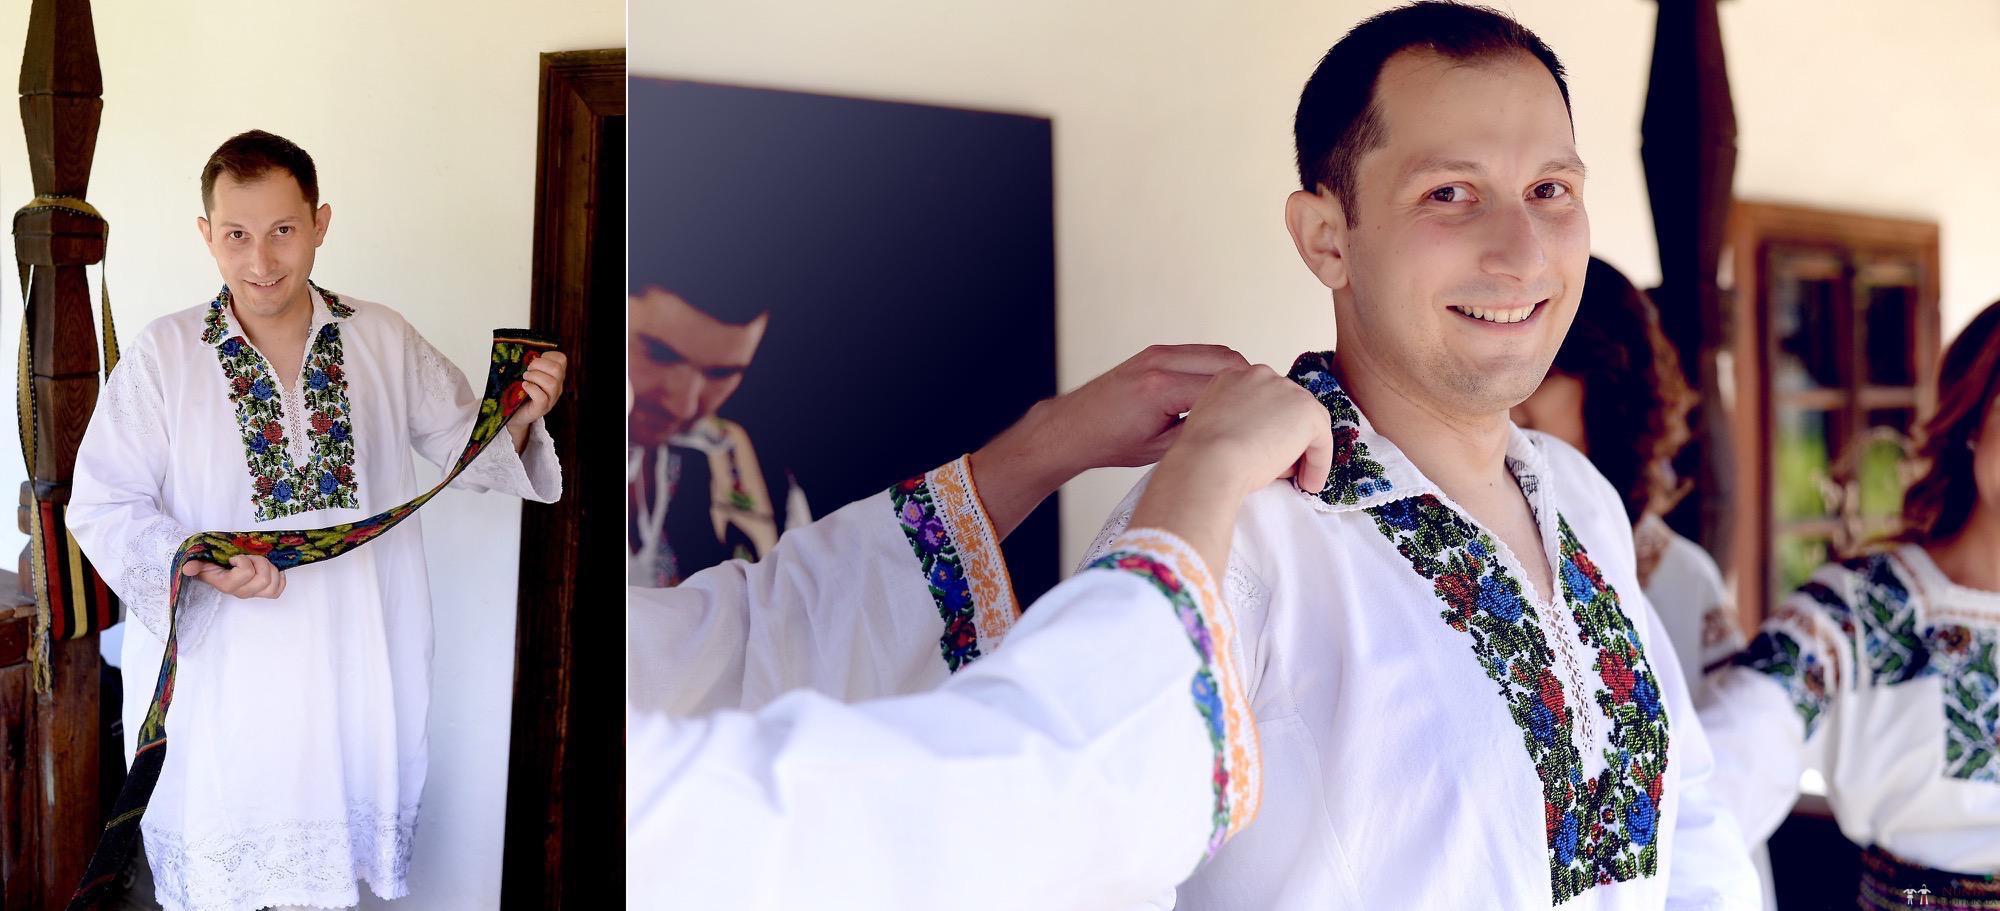 Povești Nunți Tradiționale - Iulia și Andrei. Nuntă tradițională în Bucovina. 29